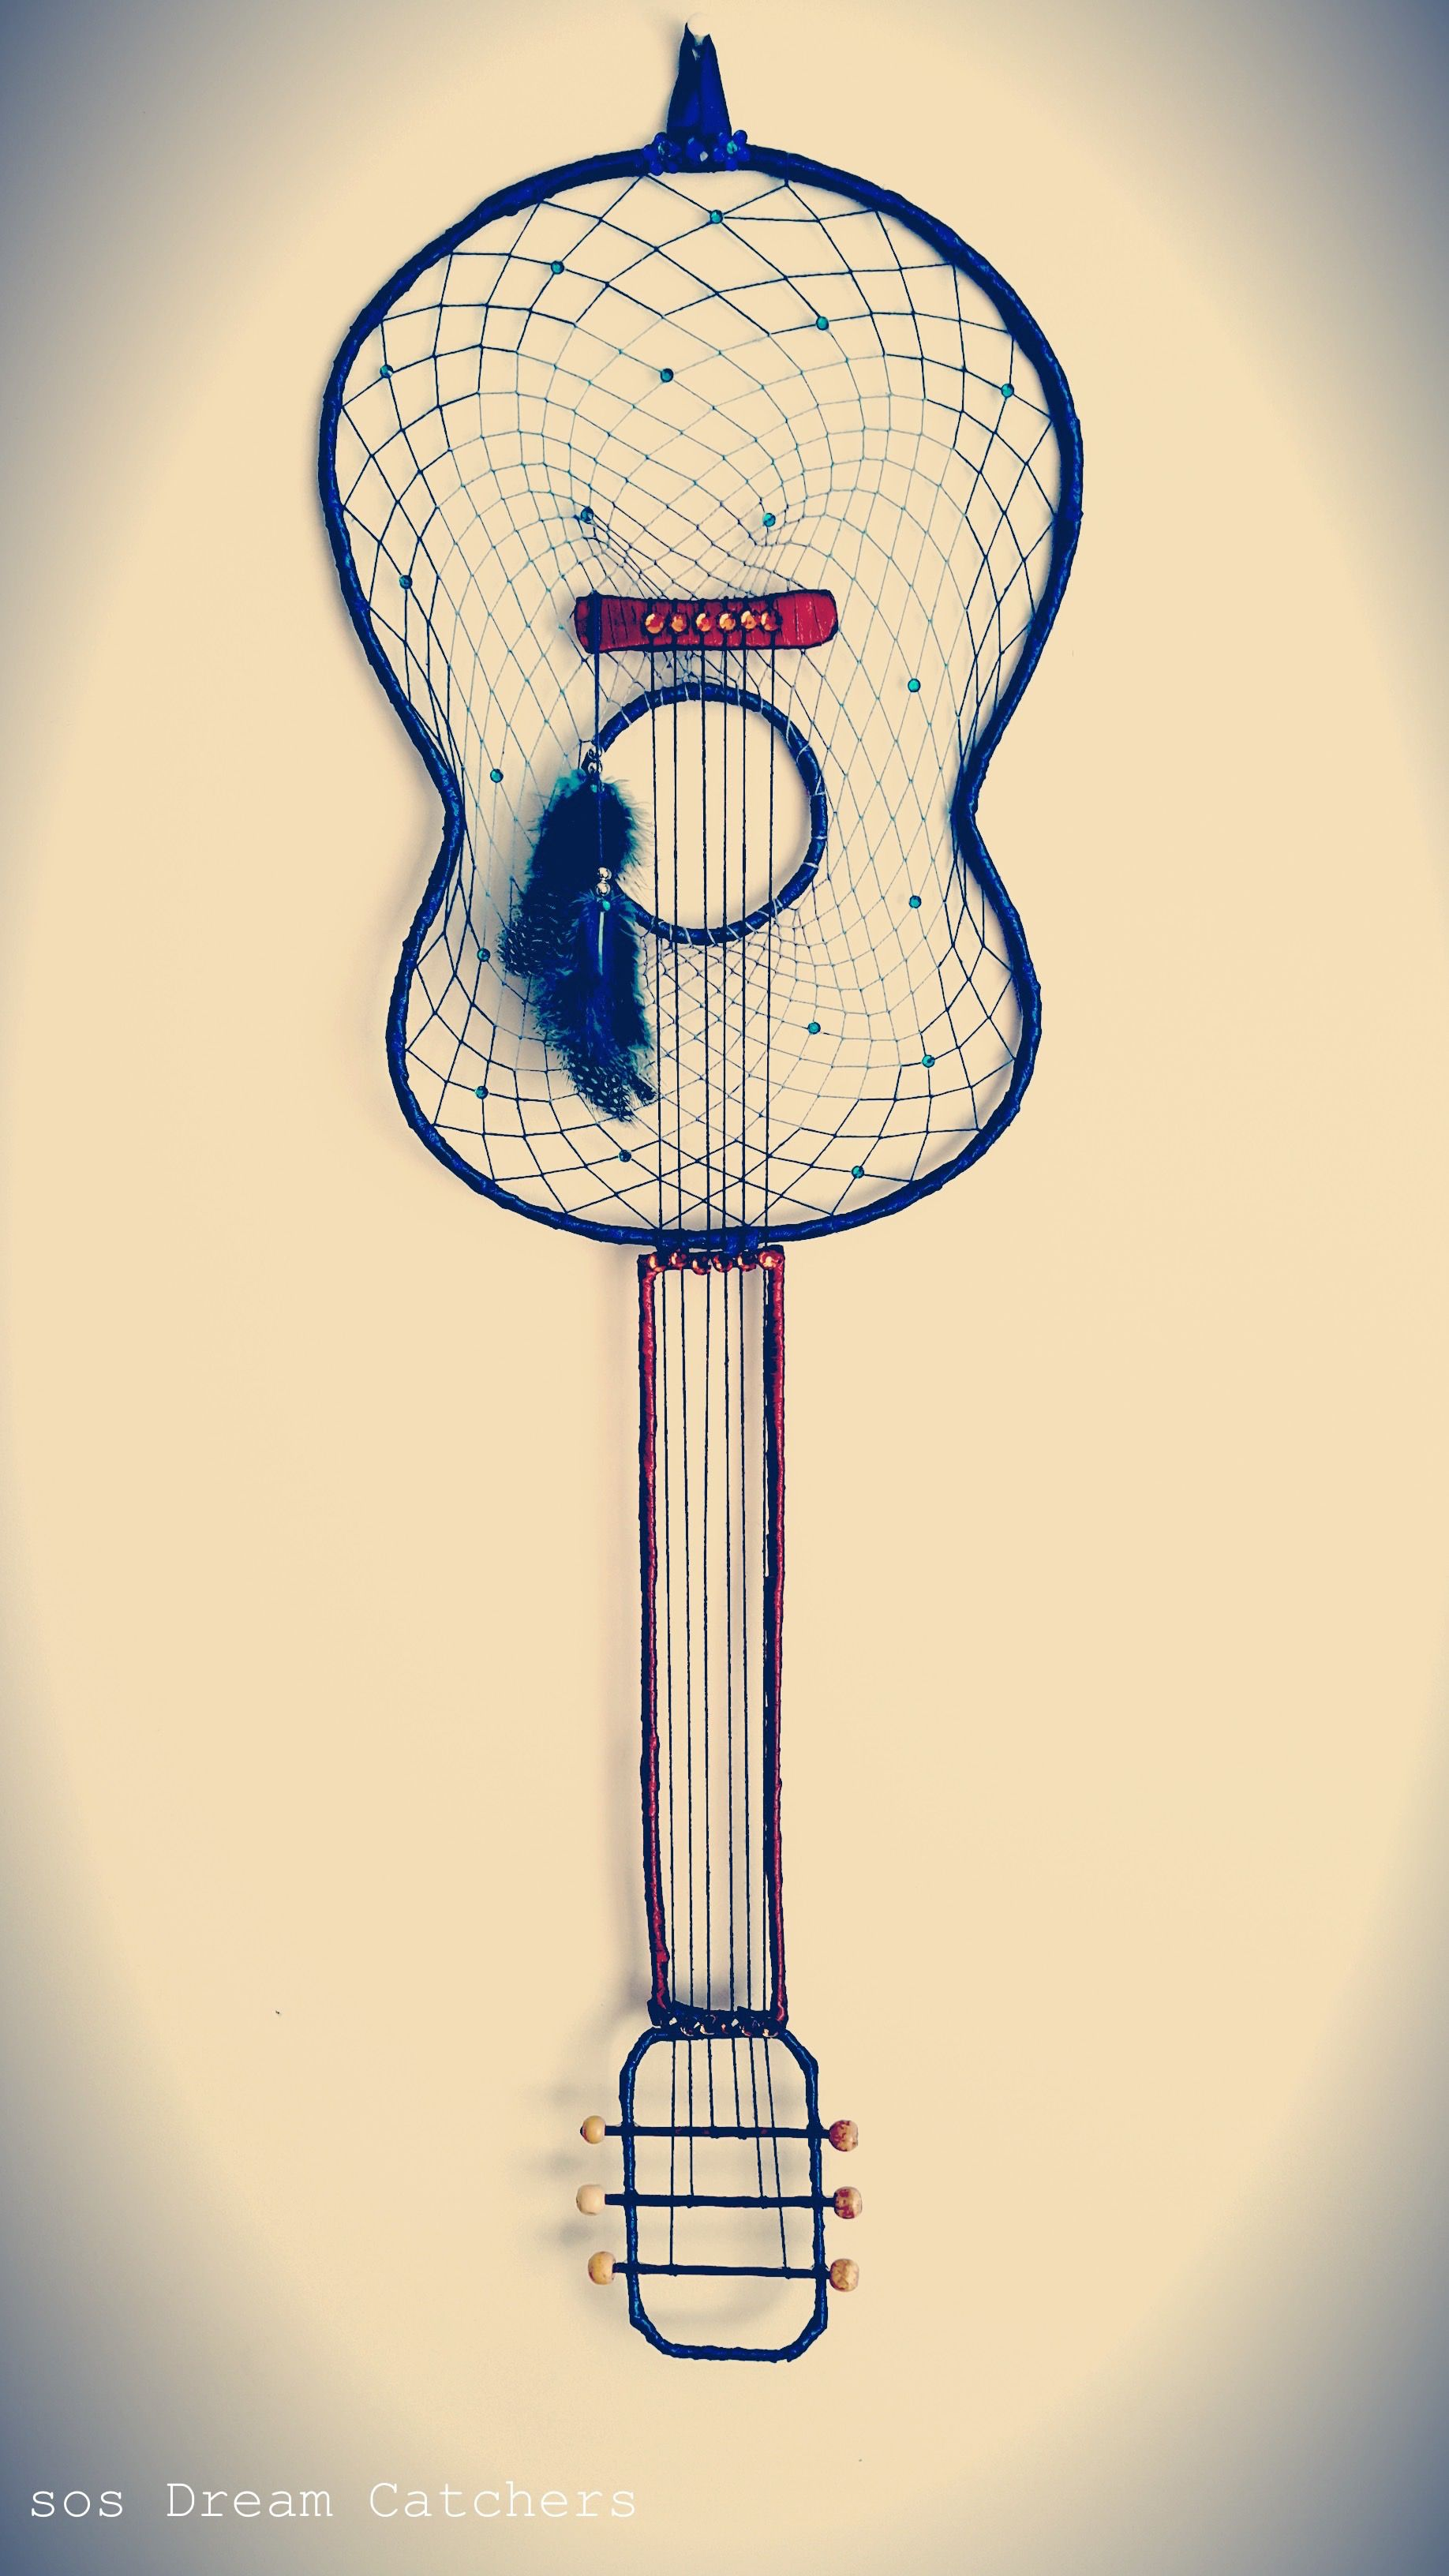 Acoustic Guitar Dream Catcher By Sos Dream Catchers Https Www Etsy Com Nz Shop Sosdreamcatchers Dream Catcher Craft Dream Catcher Dream Catcher Mobile